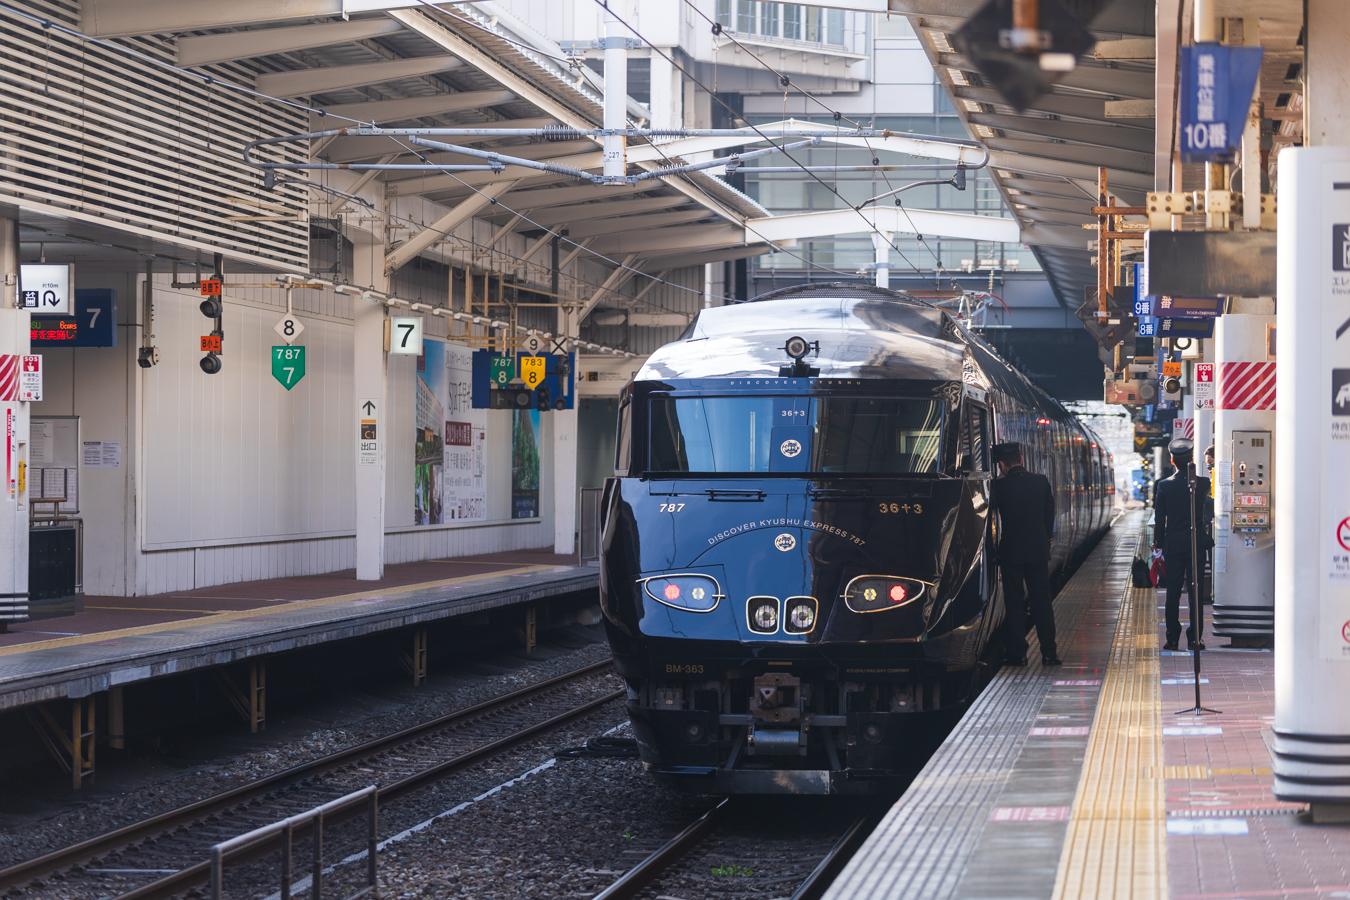 เที่ยวคิวชู ญี่ปุ่น 4 คืน 5 วัน แบบดีต่อใจ นั่งรถไฟไปอย่างชิลล์